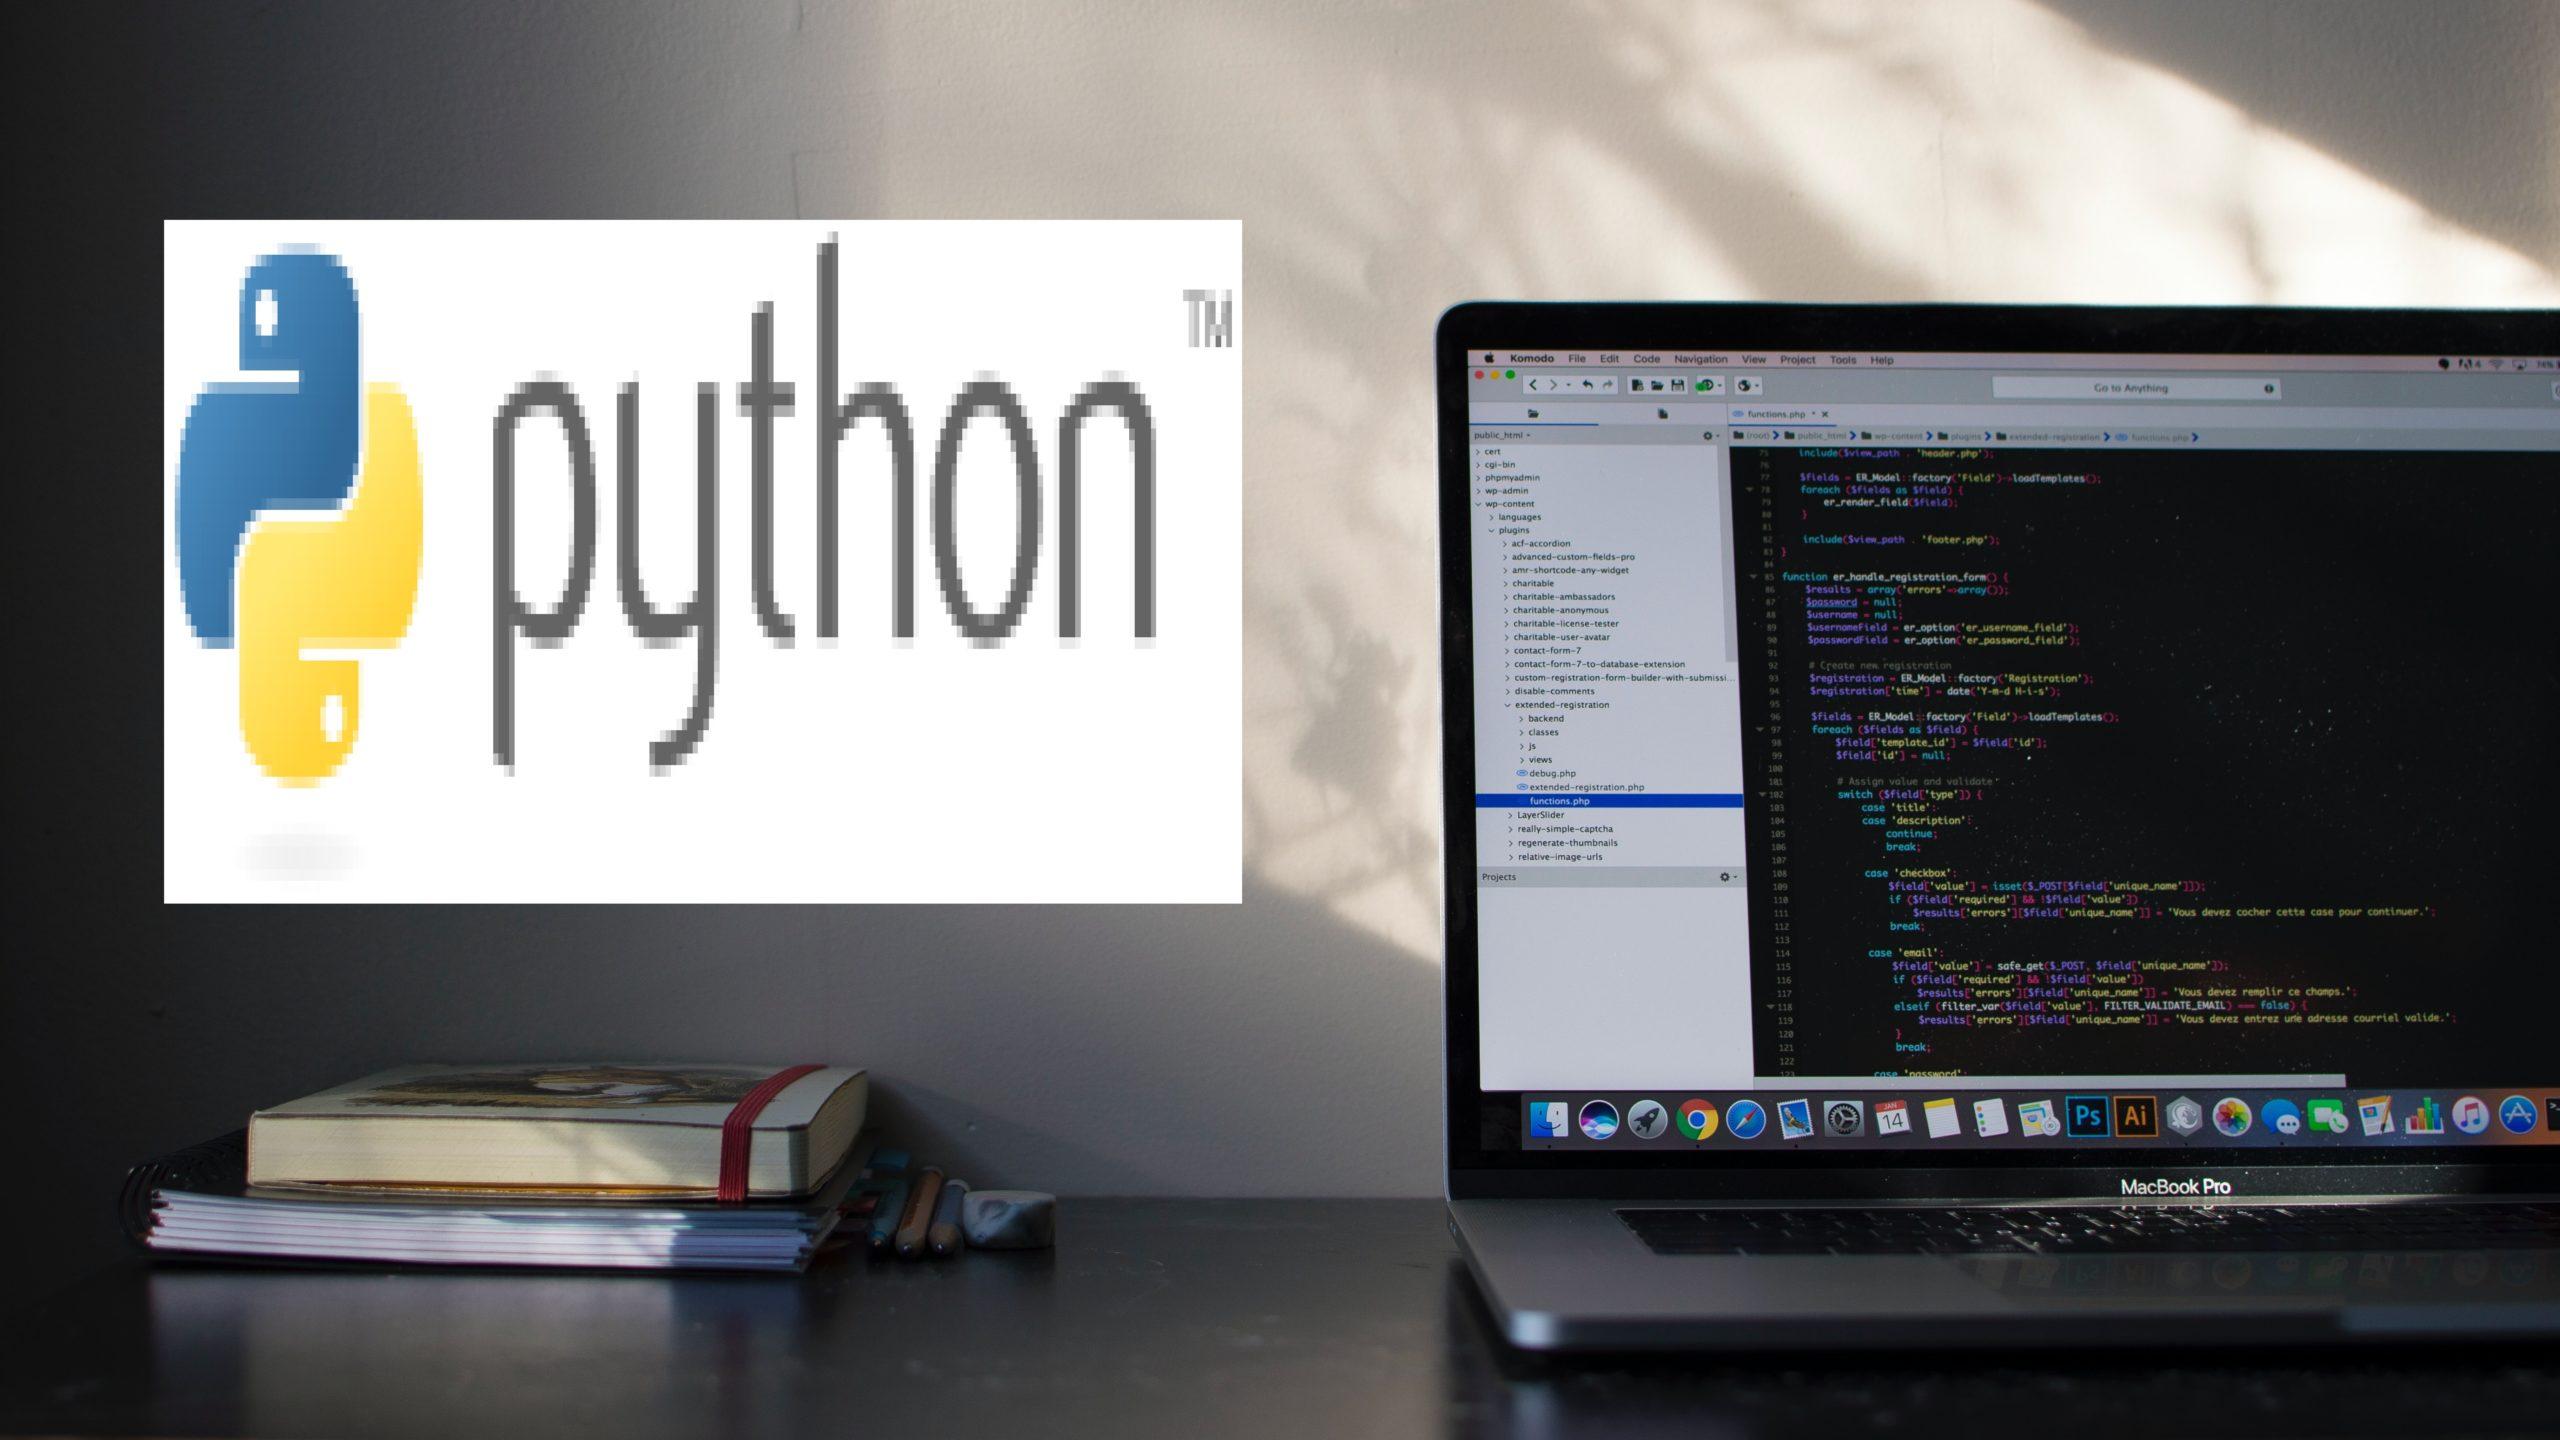 ماهي بايثون وماهي الاستخدامات الرئيسية للغة بايثون